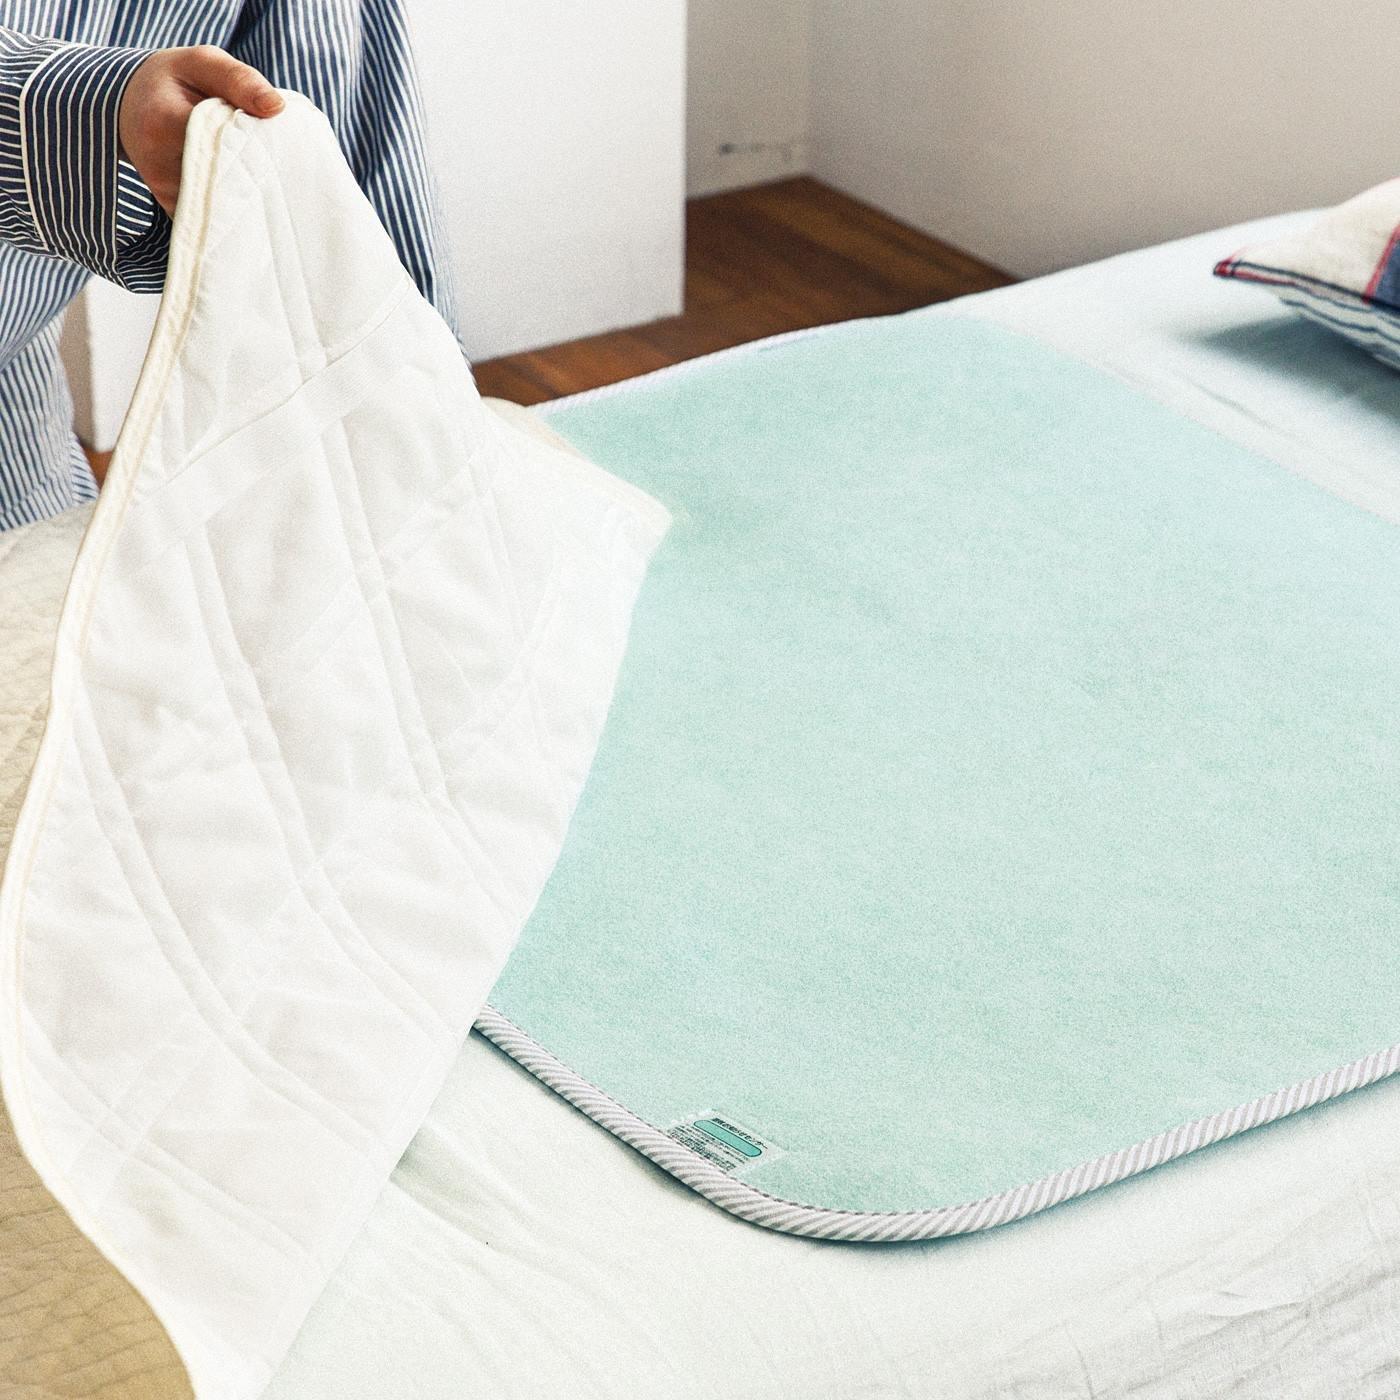 布団の湿気を吸収 繰り返し使える吸湿シートの会